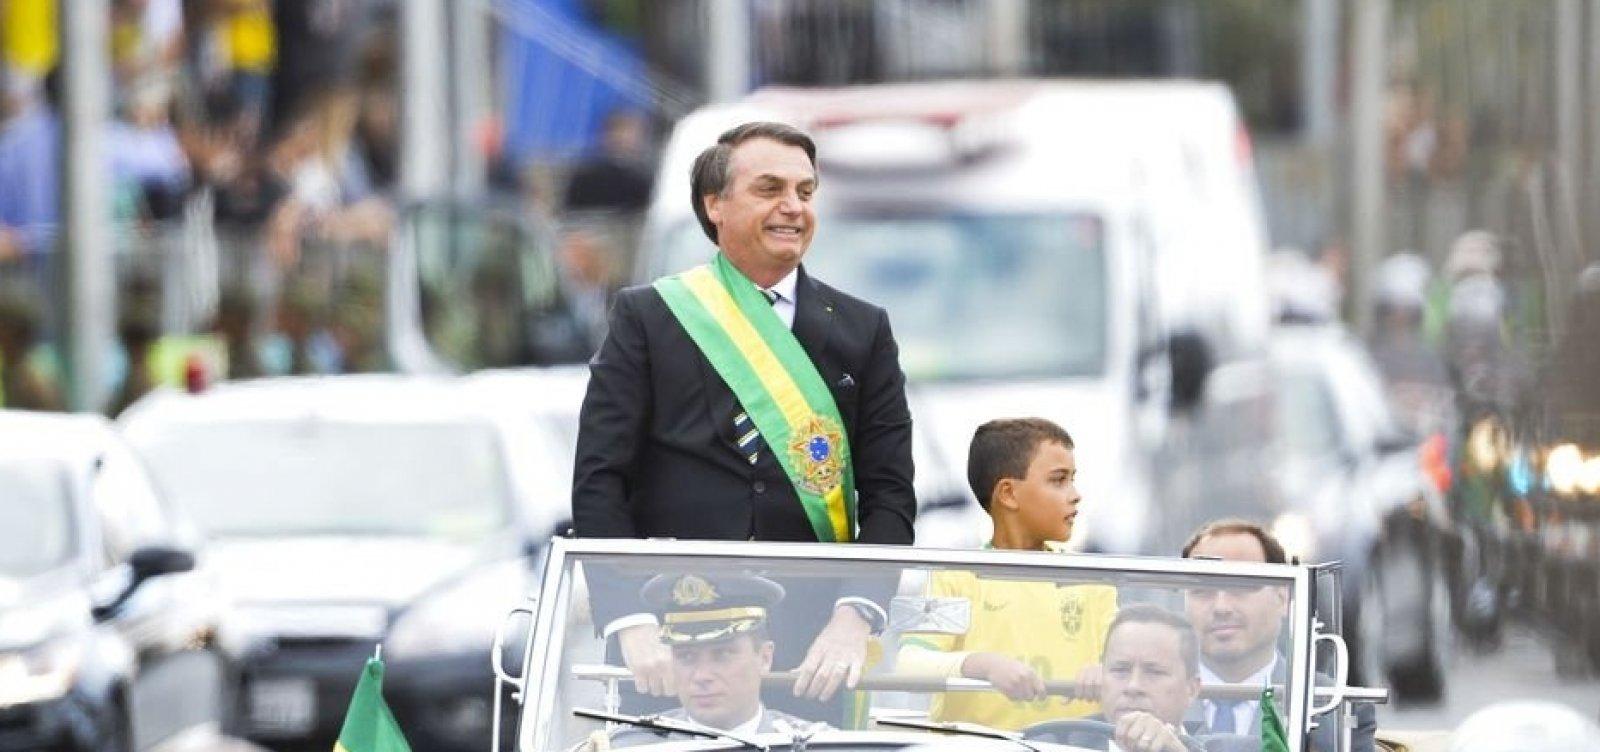 [Globo demite funcionário que chamou criança de 'imbecil' por desfilar com Bolsonaro]